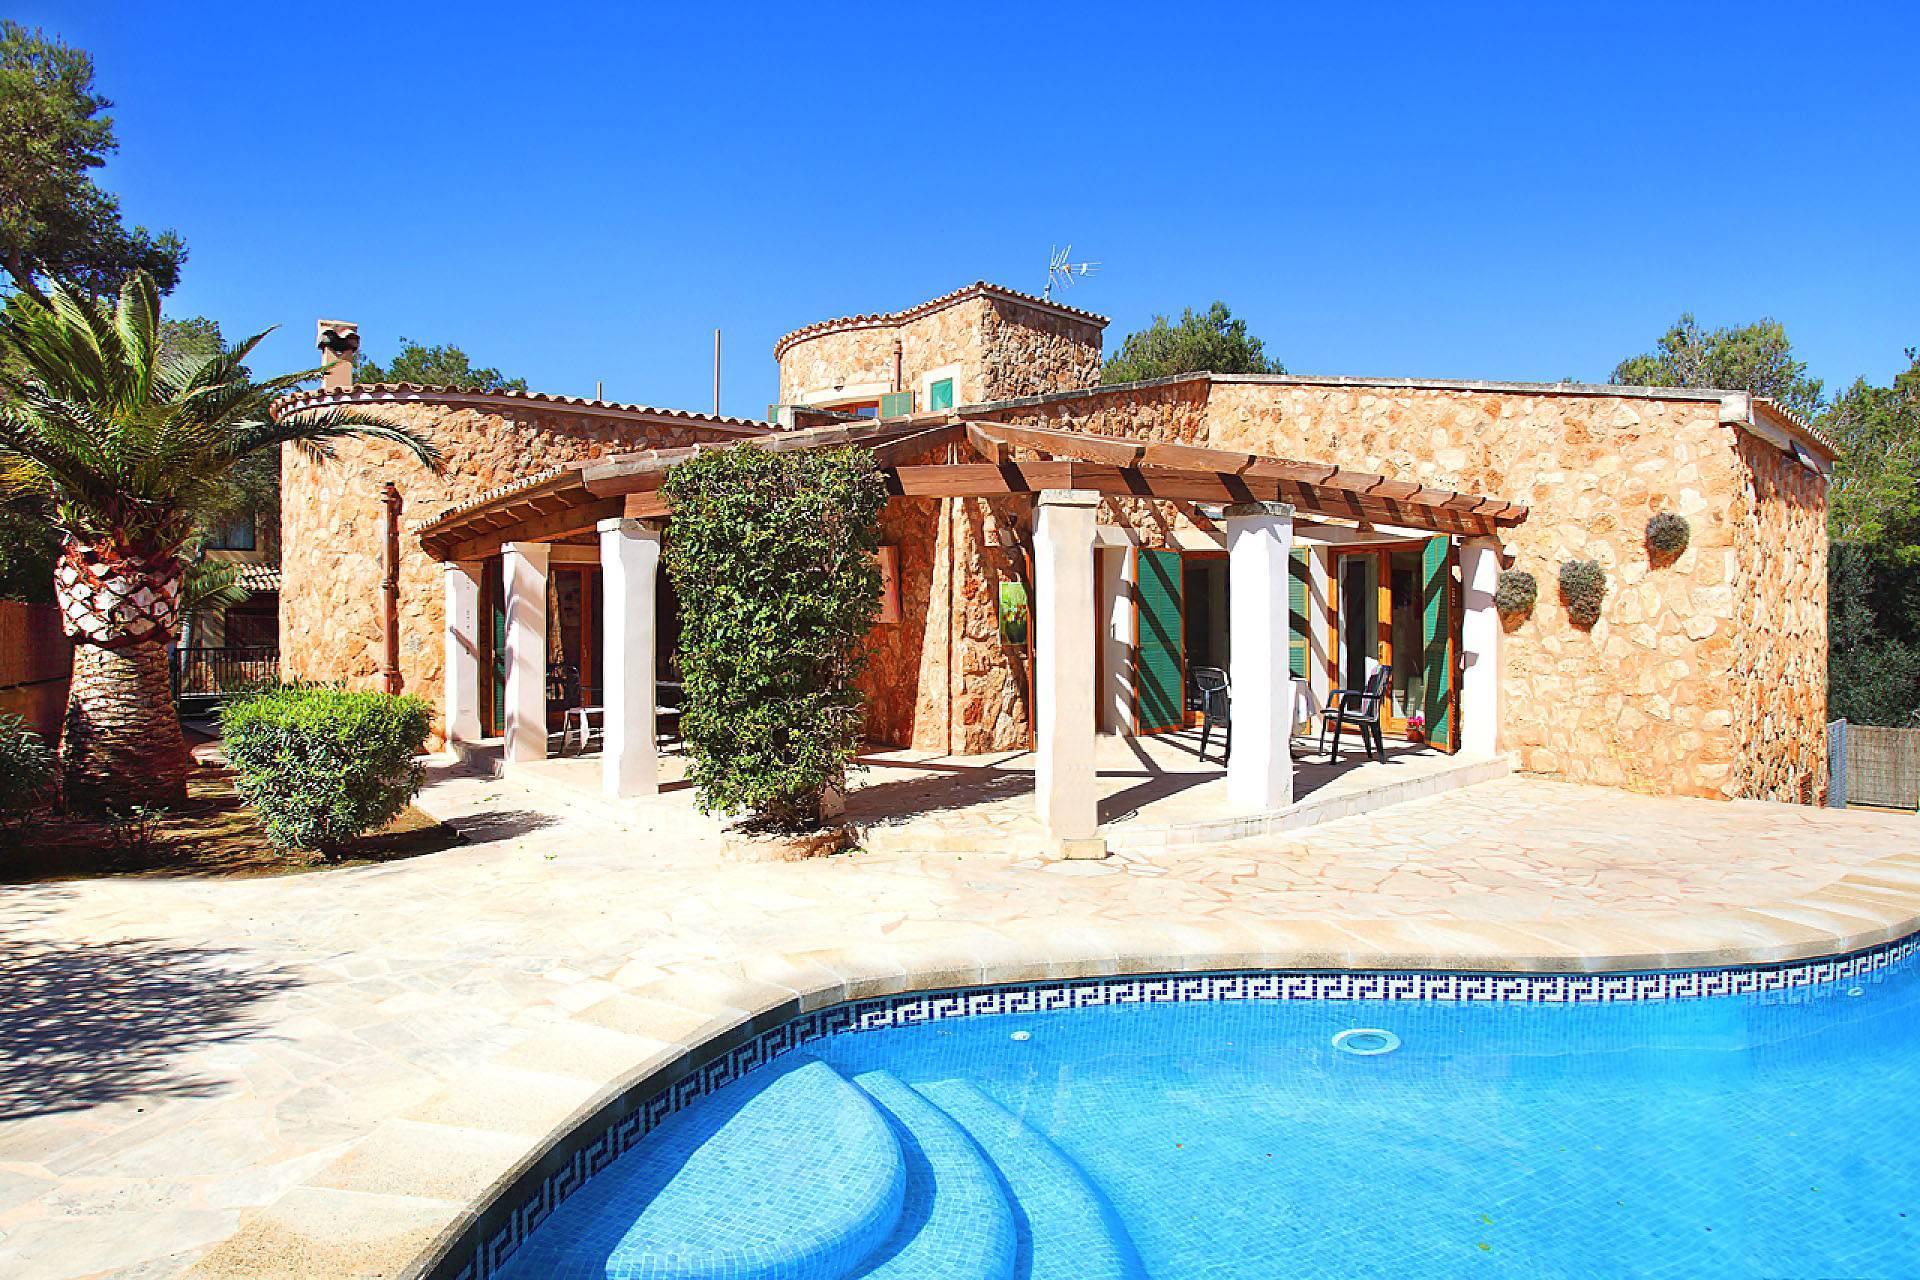 01-174 Gemütliches Ferienhaus Mallorca Süden Bild 2